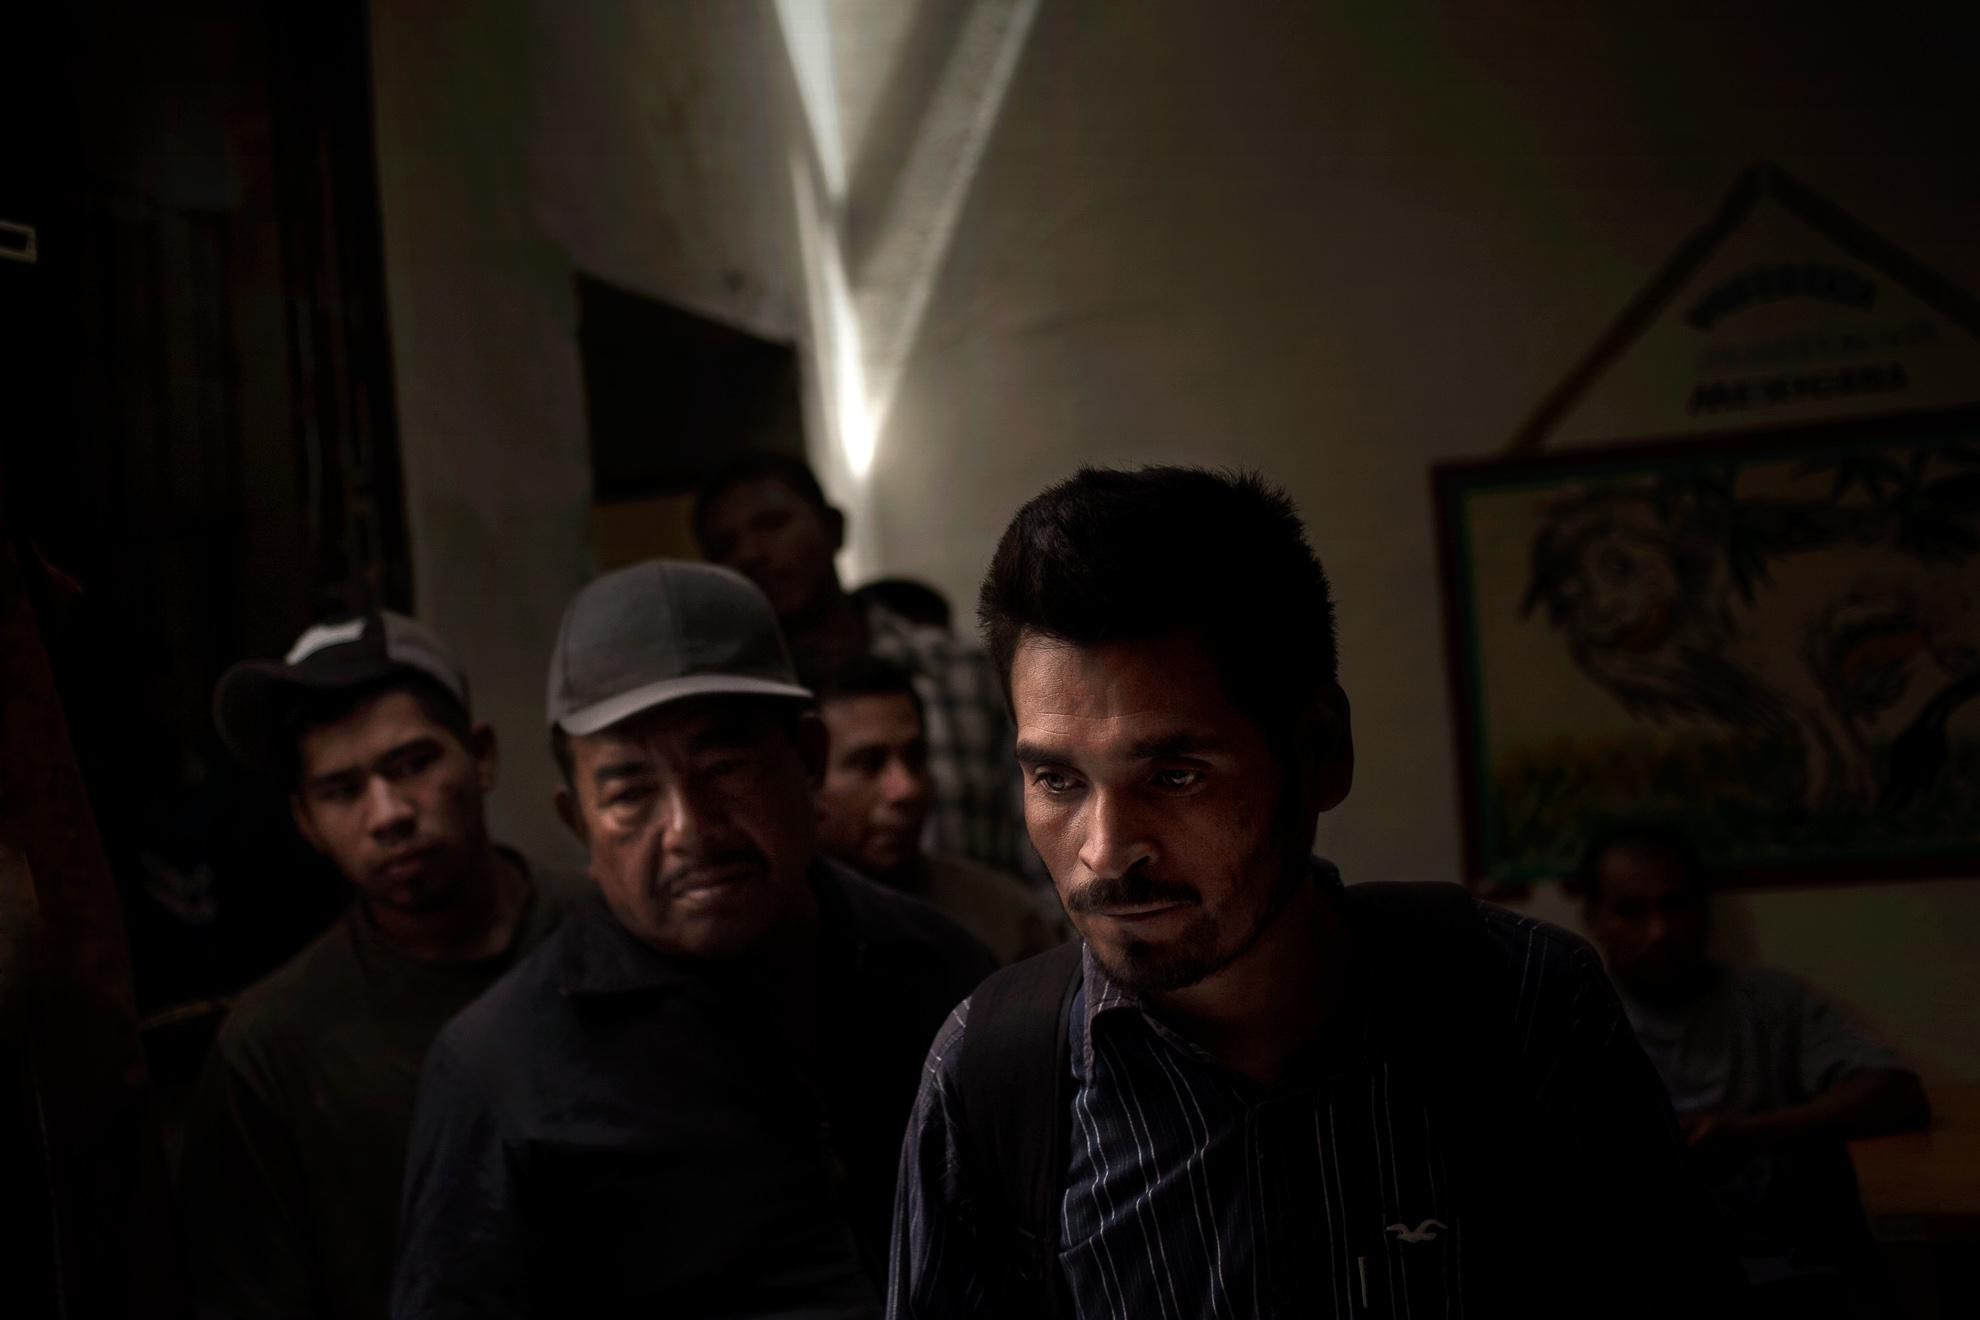 México - Baja California-Mexicali 2011. Un grupo de inmigrantes deportados de Estados Unidos llega al «Hotel de los Migrantes» en la ciudad fronteriza de Mexicali; se trata de un hotel abandonado que un grupo de activistas y voluntarios ha transformado en un refugio para migrantes deportados de Estados Unidos.